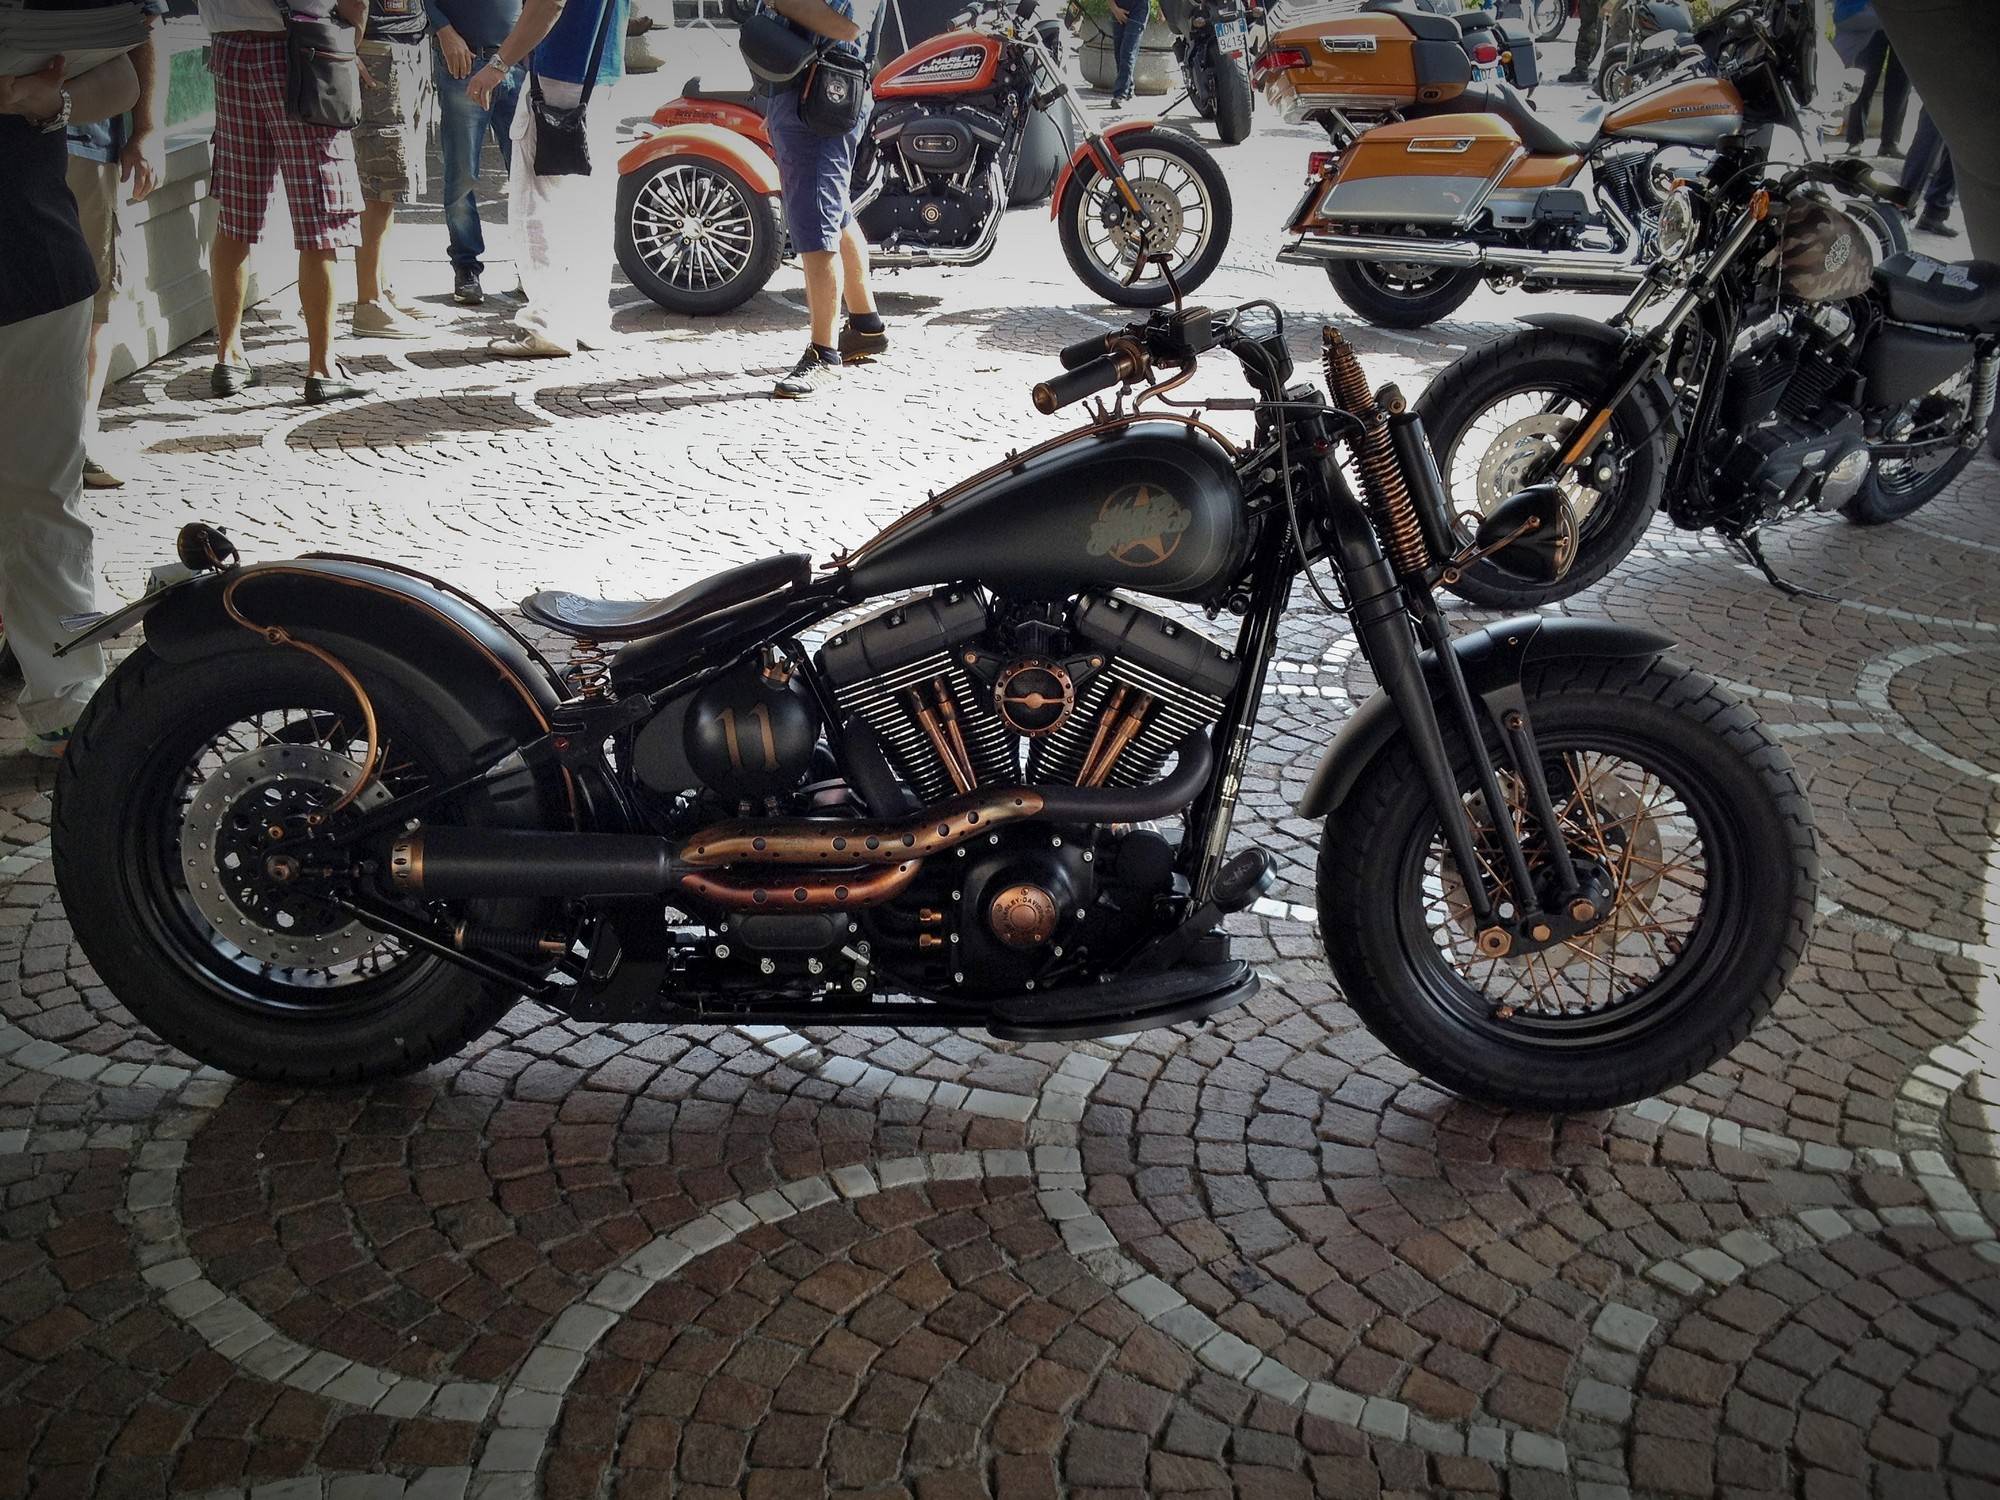 Harley Davidson in Sorrento